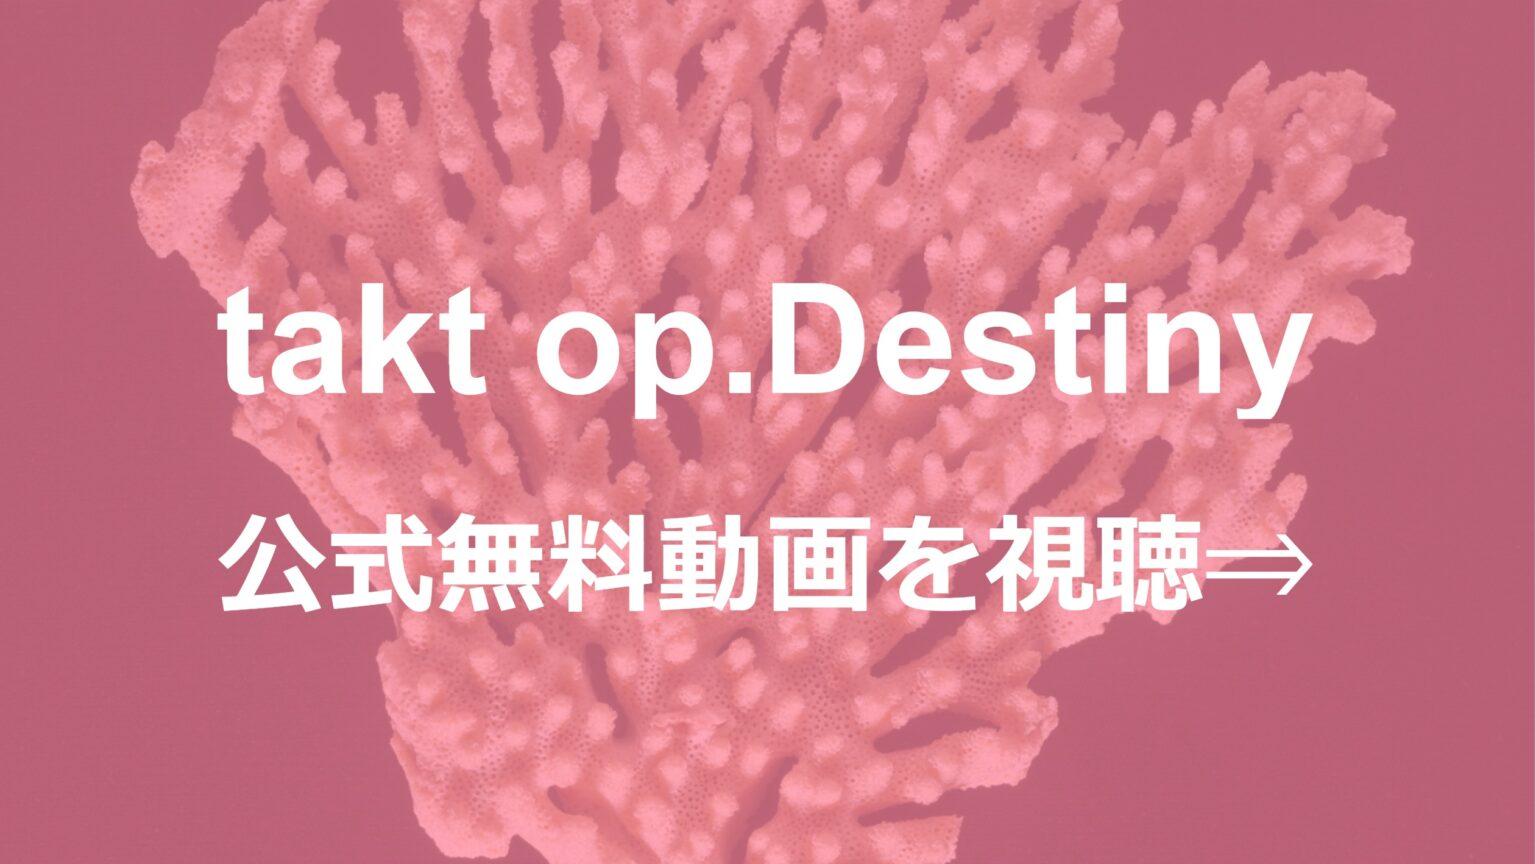 アニメ「takt op.Destiny」無料フル動画を1話~全話視聴できる公式配信サービスまとめ!